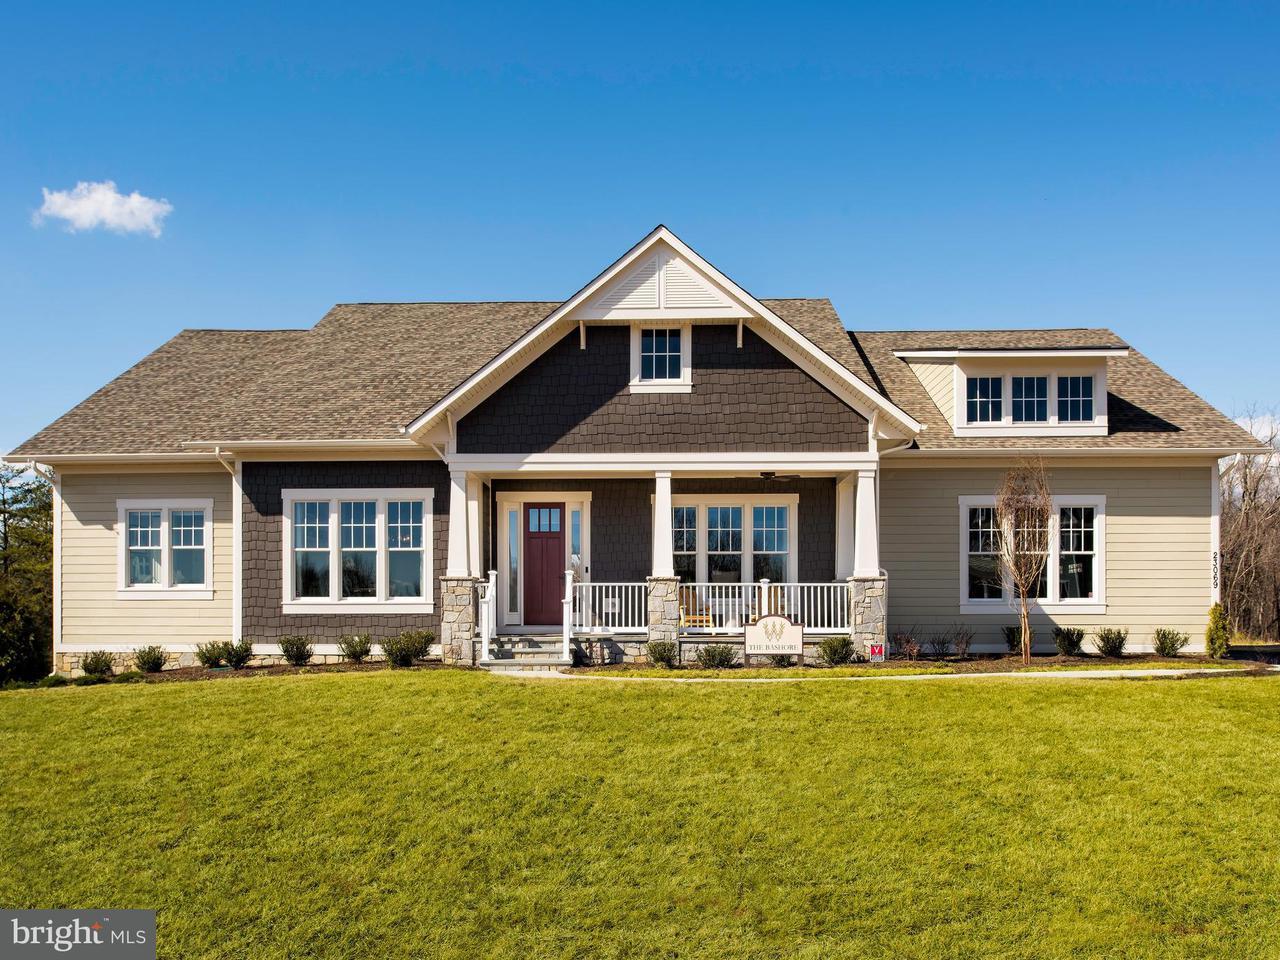 独户住宅 为 销售 在 23069 CHAMBOURCIN Place 23069 CHAMBOURCIN Place 阿什伯恩, 弗吉尼亚州 20148 美国